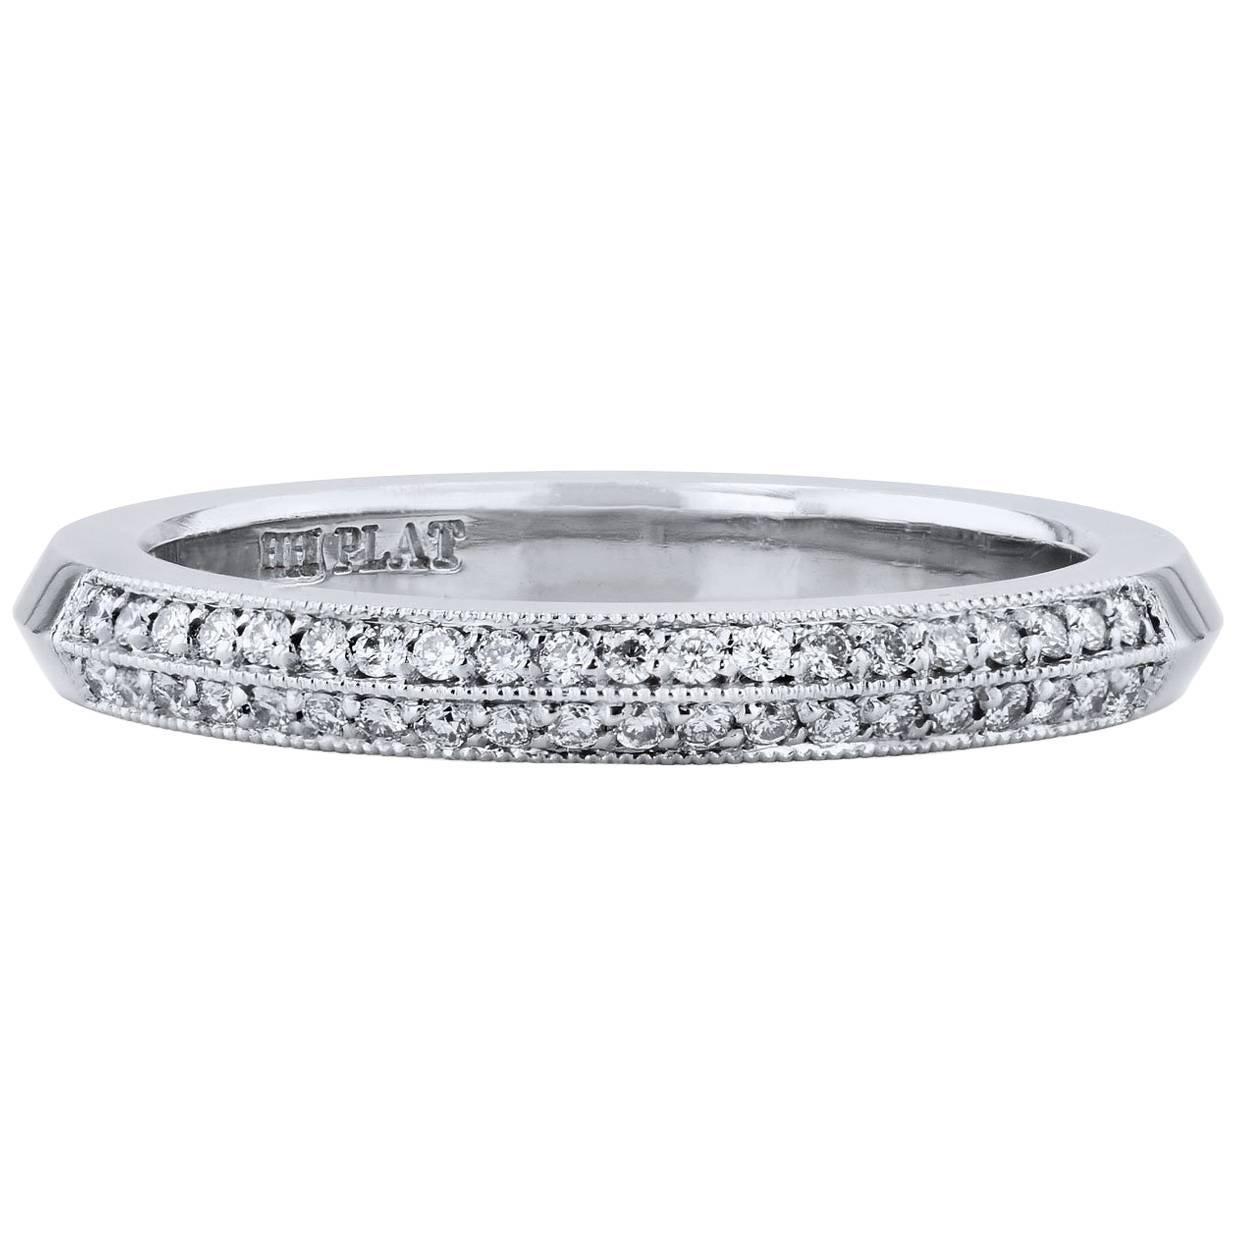 H&H 0.14 Carat Diamond Pave Platinum Wedding Band Ring